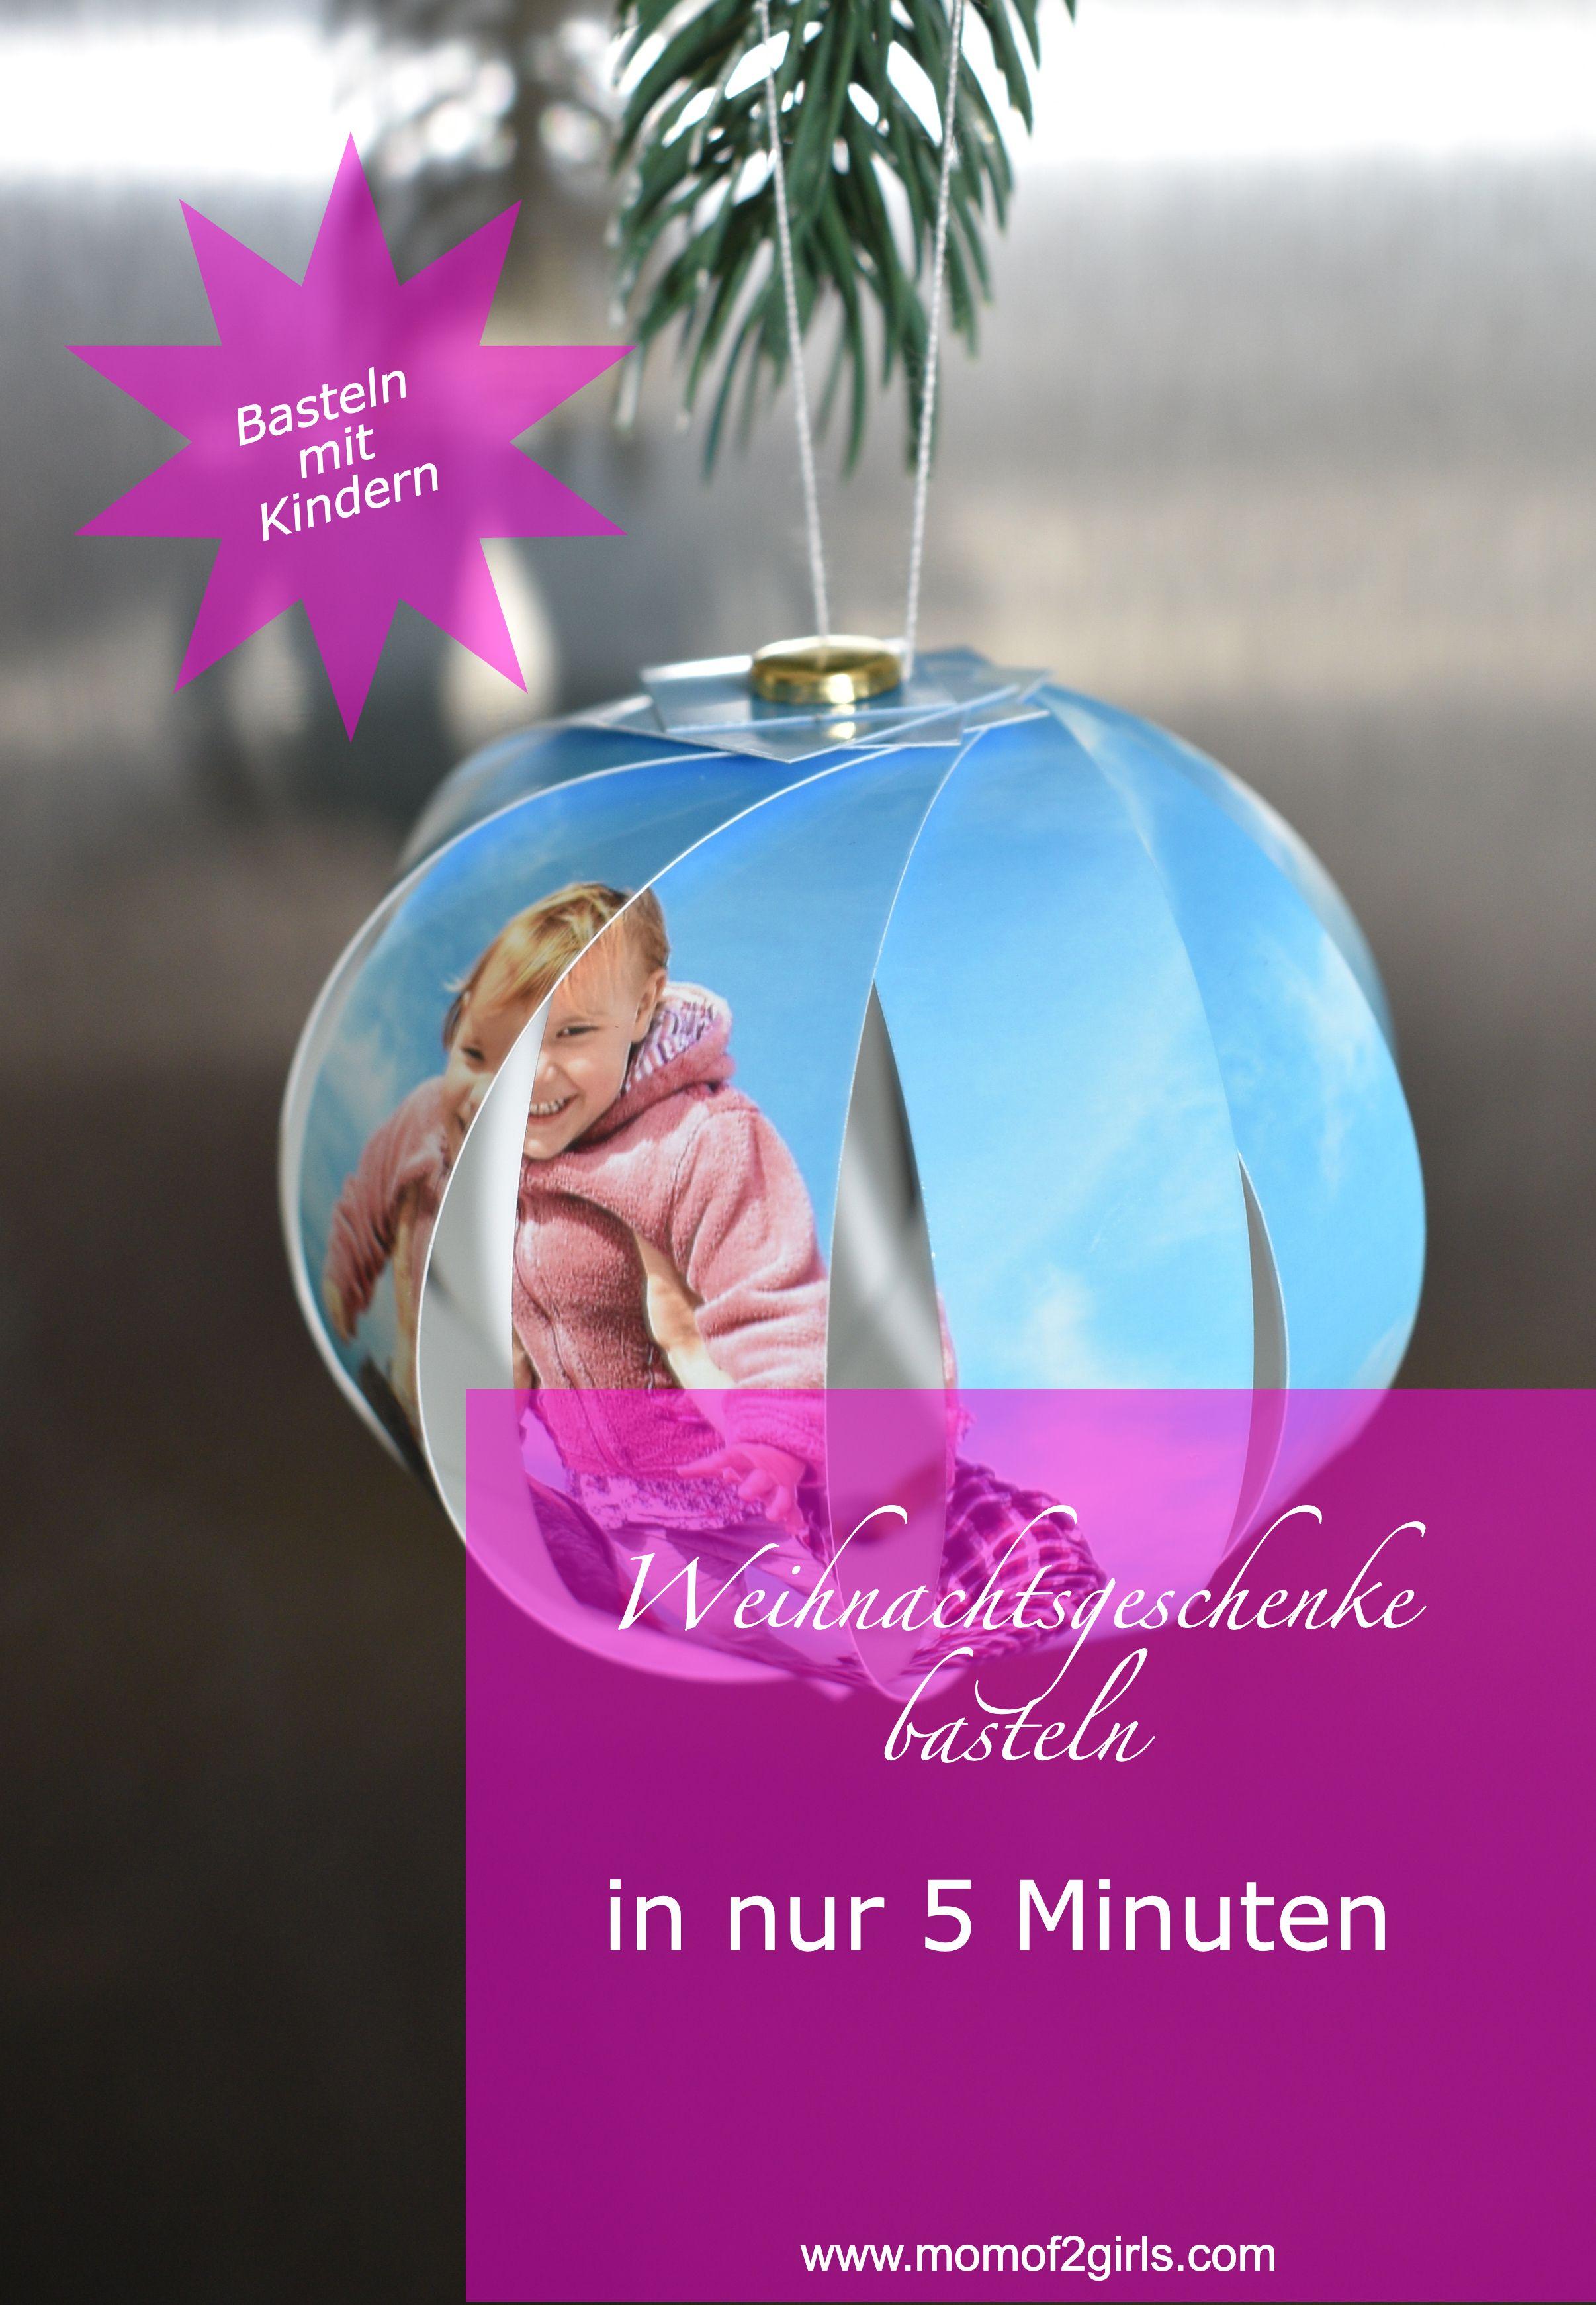 Geräumig Weihnachtsgeschenke Zum Selber Basteln Foto Von Diy, Mit Kindern Basteln, Personalisierte Weihnachtskugel Machen,